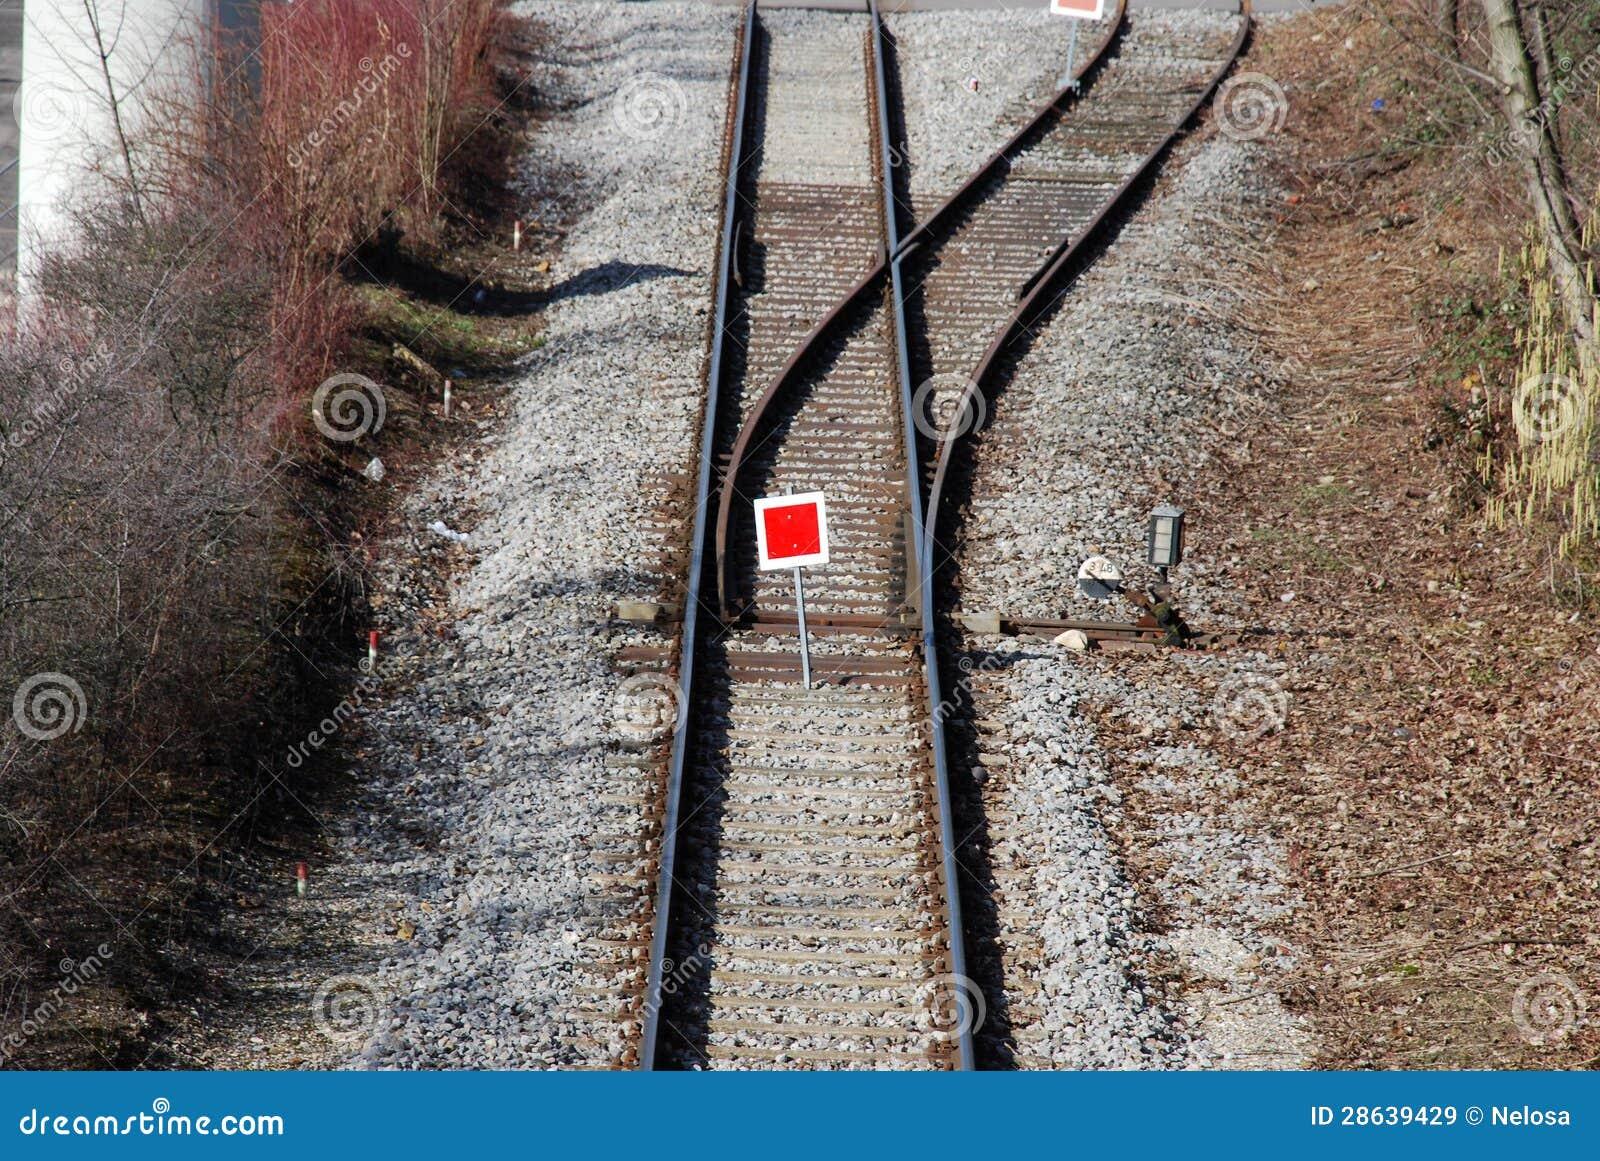 De schakelaar van de trein